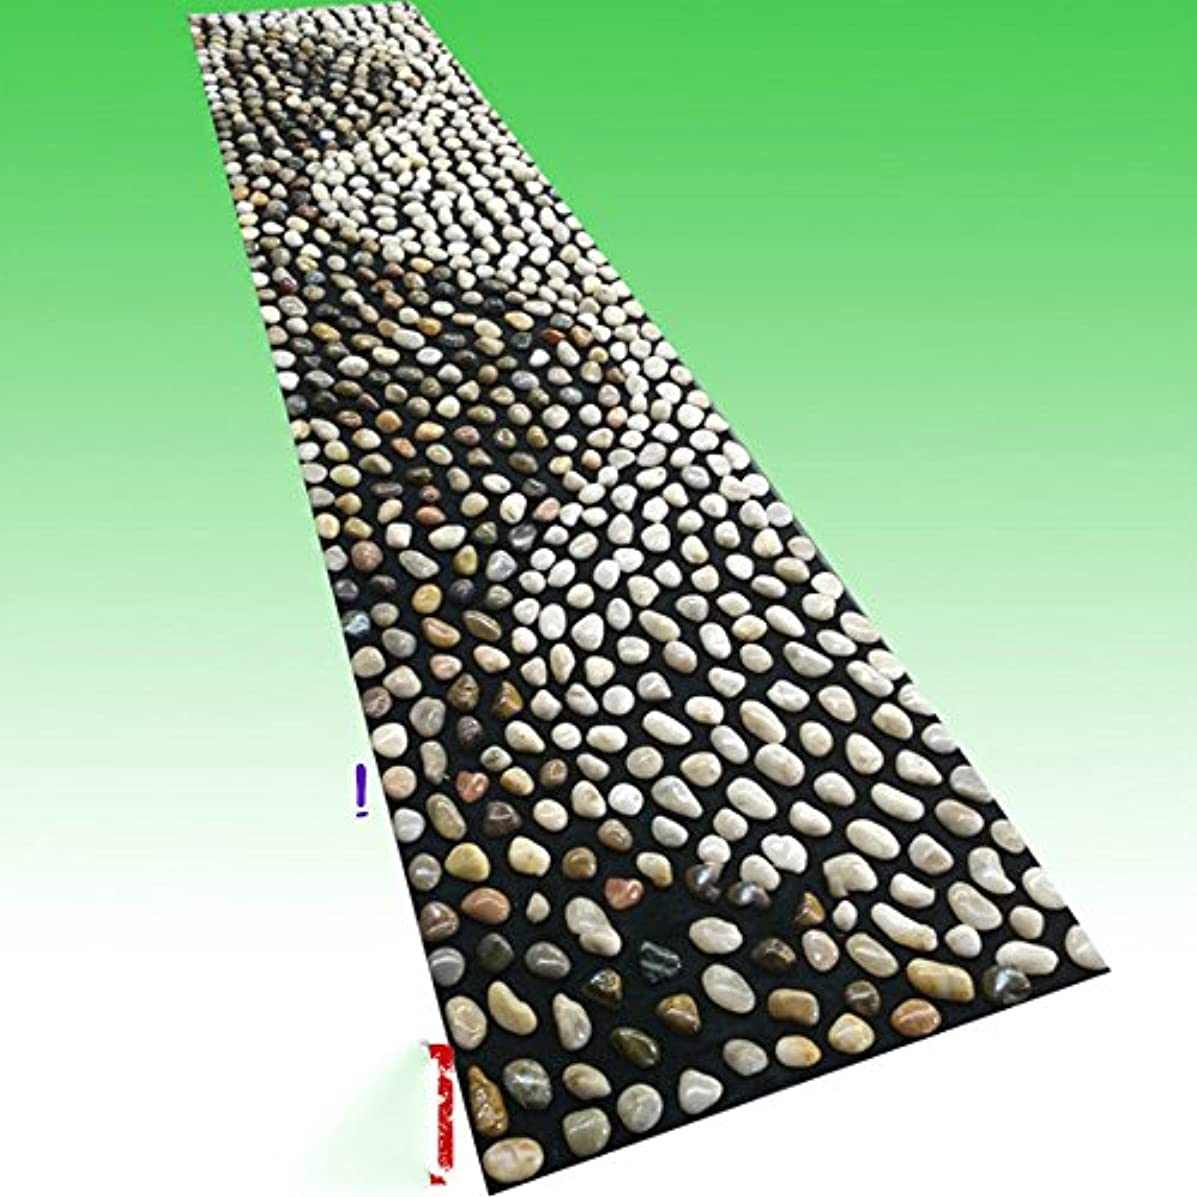 意図約鹿足つぼ マット マッサージシート マッサージ 足裏 健康 ツボ刺激 折りたたみ ウォーキングマット 足裏マット 本物の健康 フットマッサージ 足のマッサージパッド 模造石畳の歩道